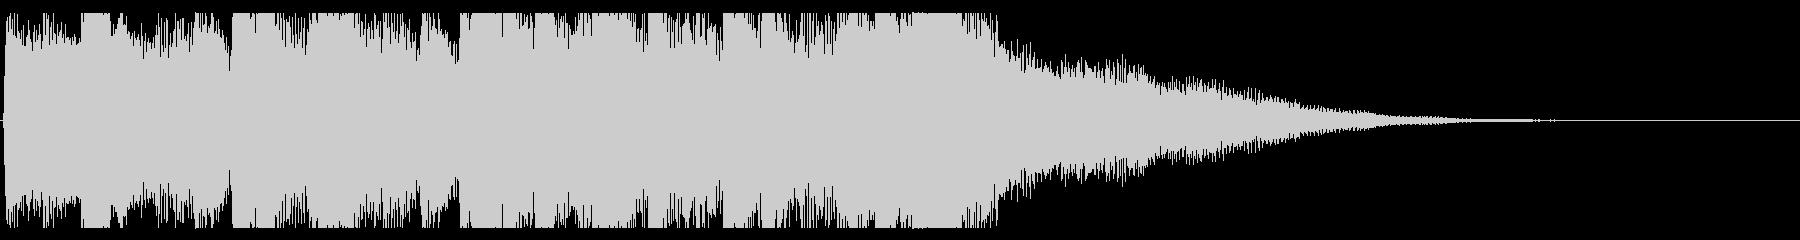 ミステリアスなピアノ 場面転換 切り替えの未再生の波形